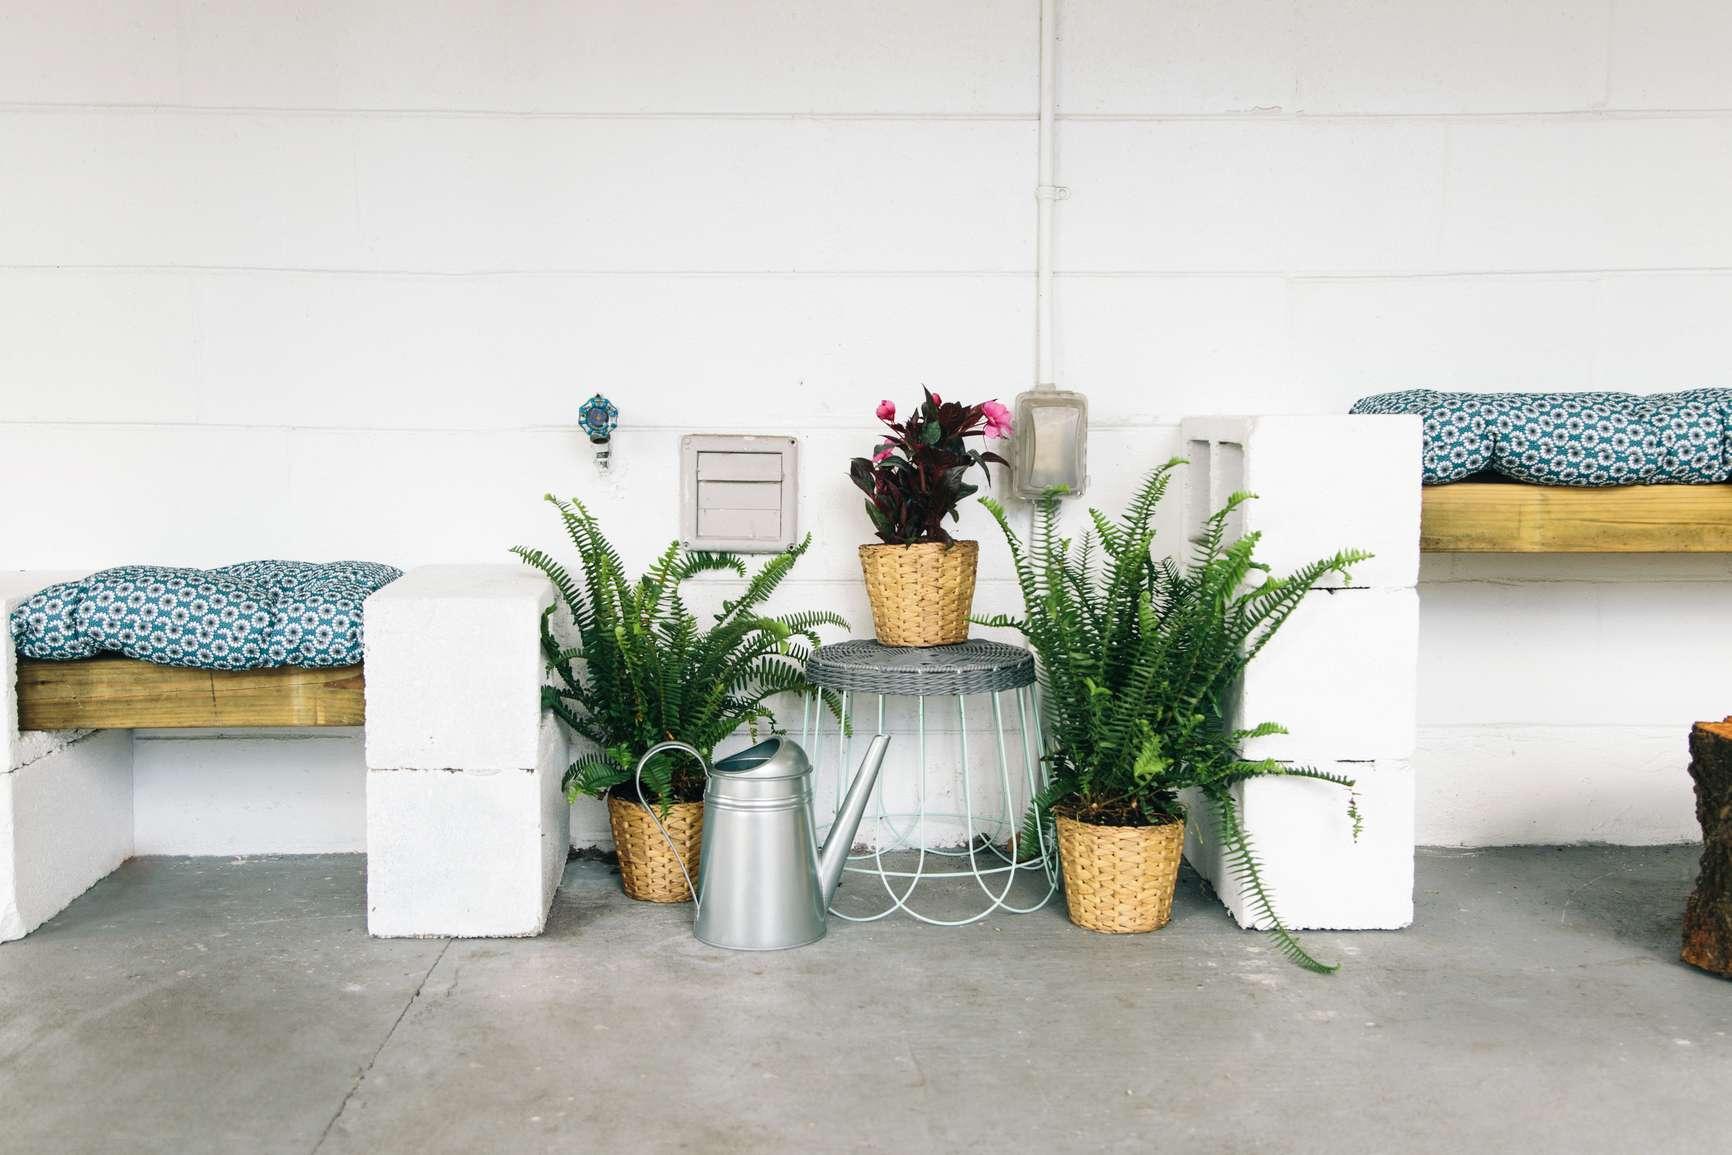 Plantas y bancos en macetas